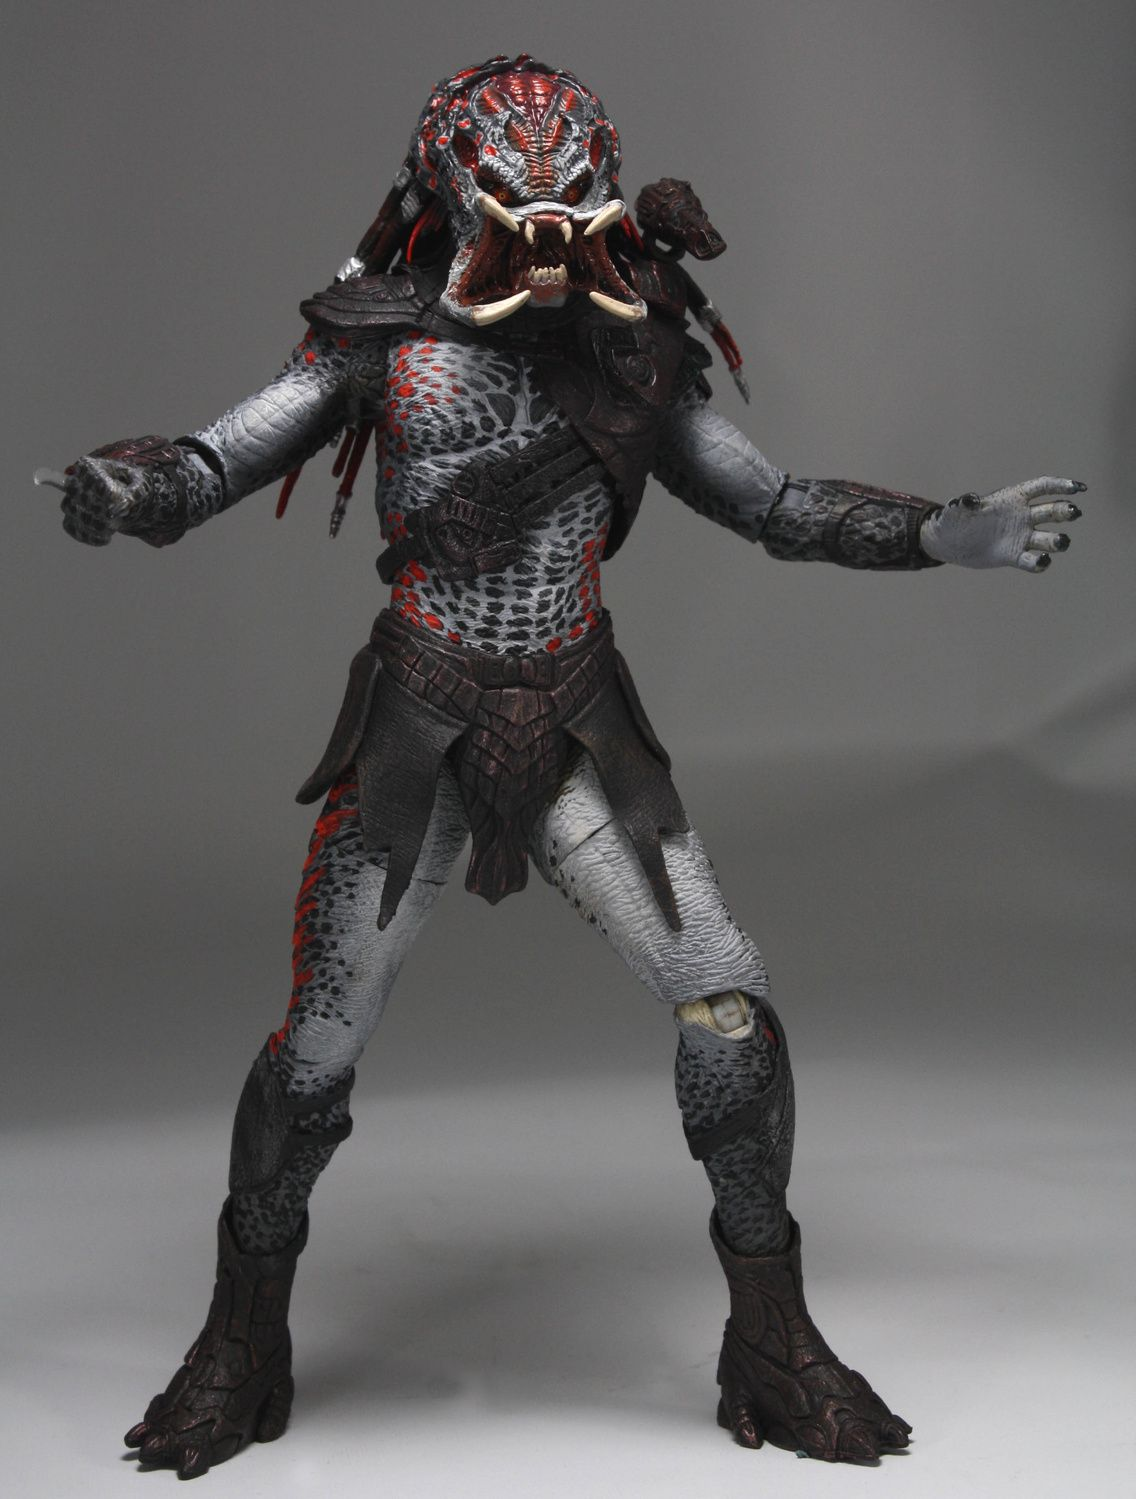 NECA Unveils Series 2 Berserker Predator Collectible Figures